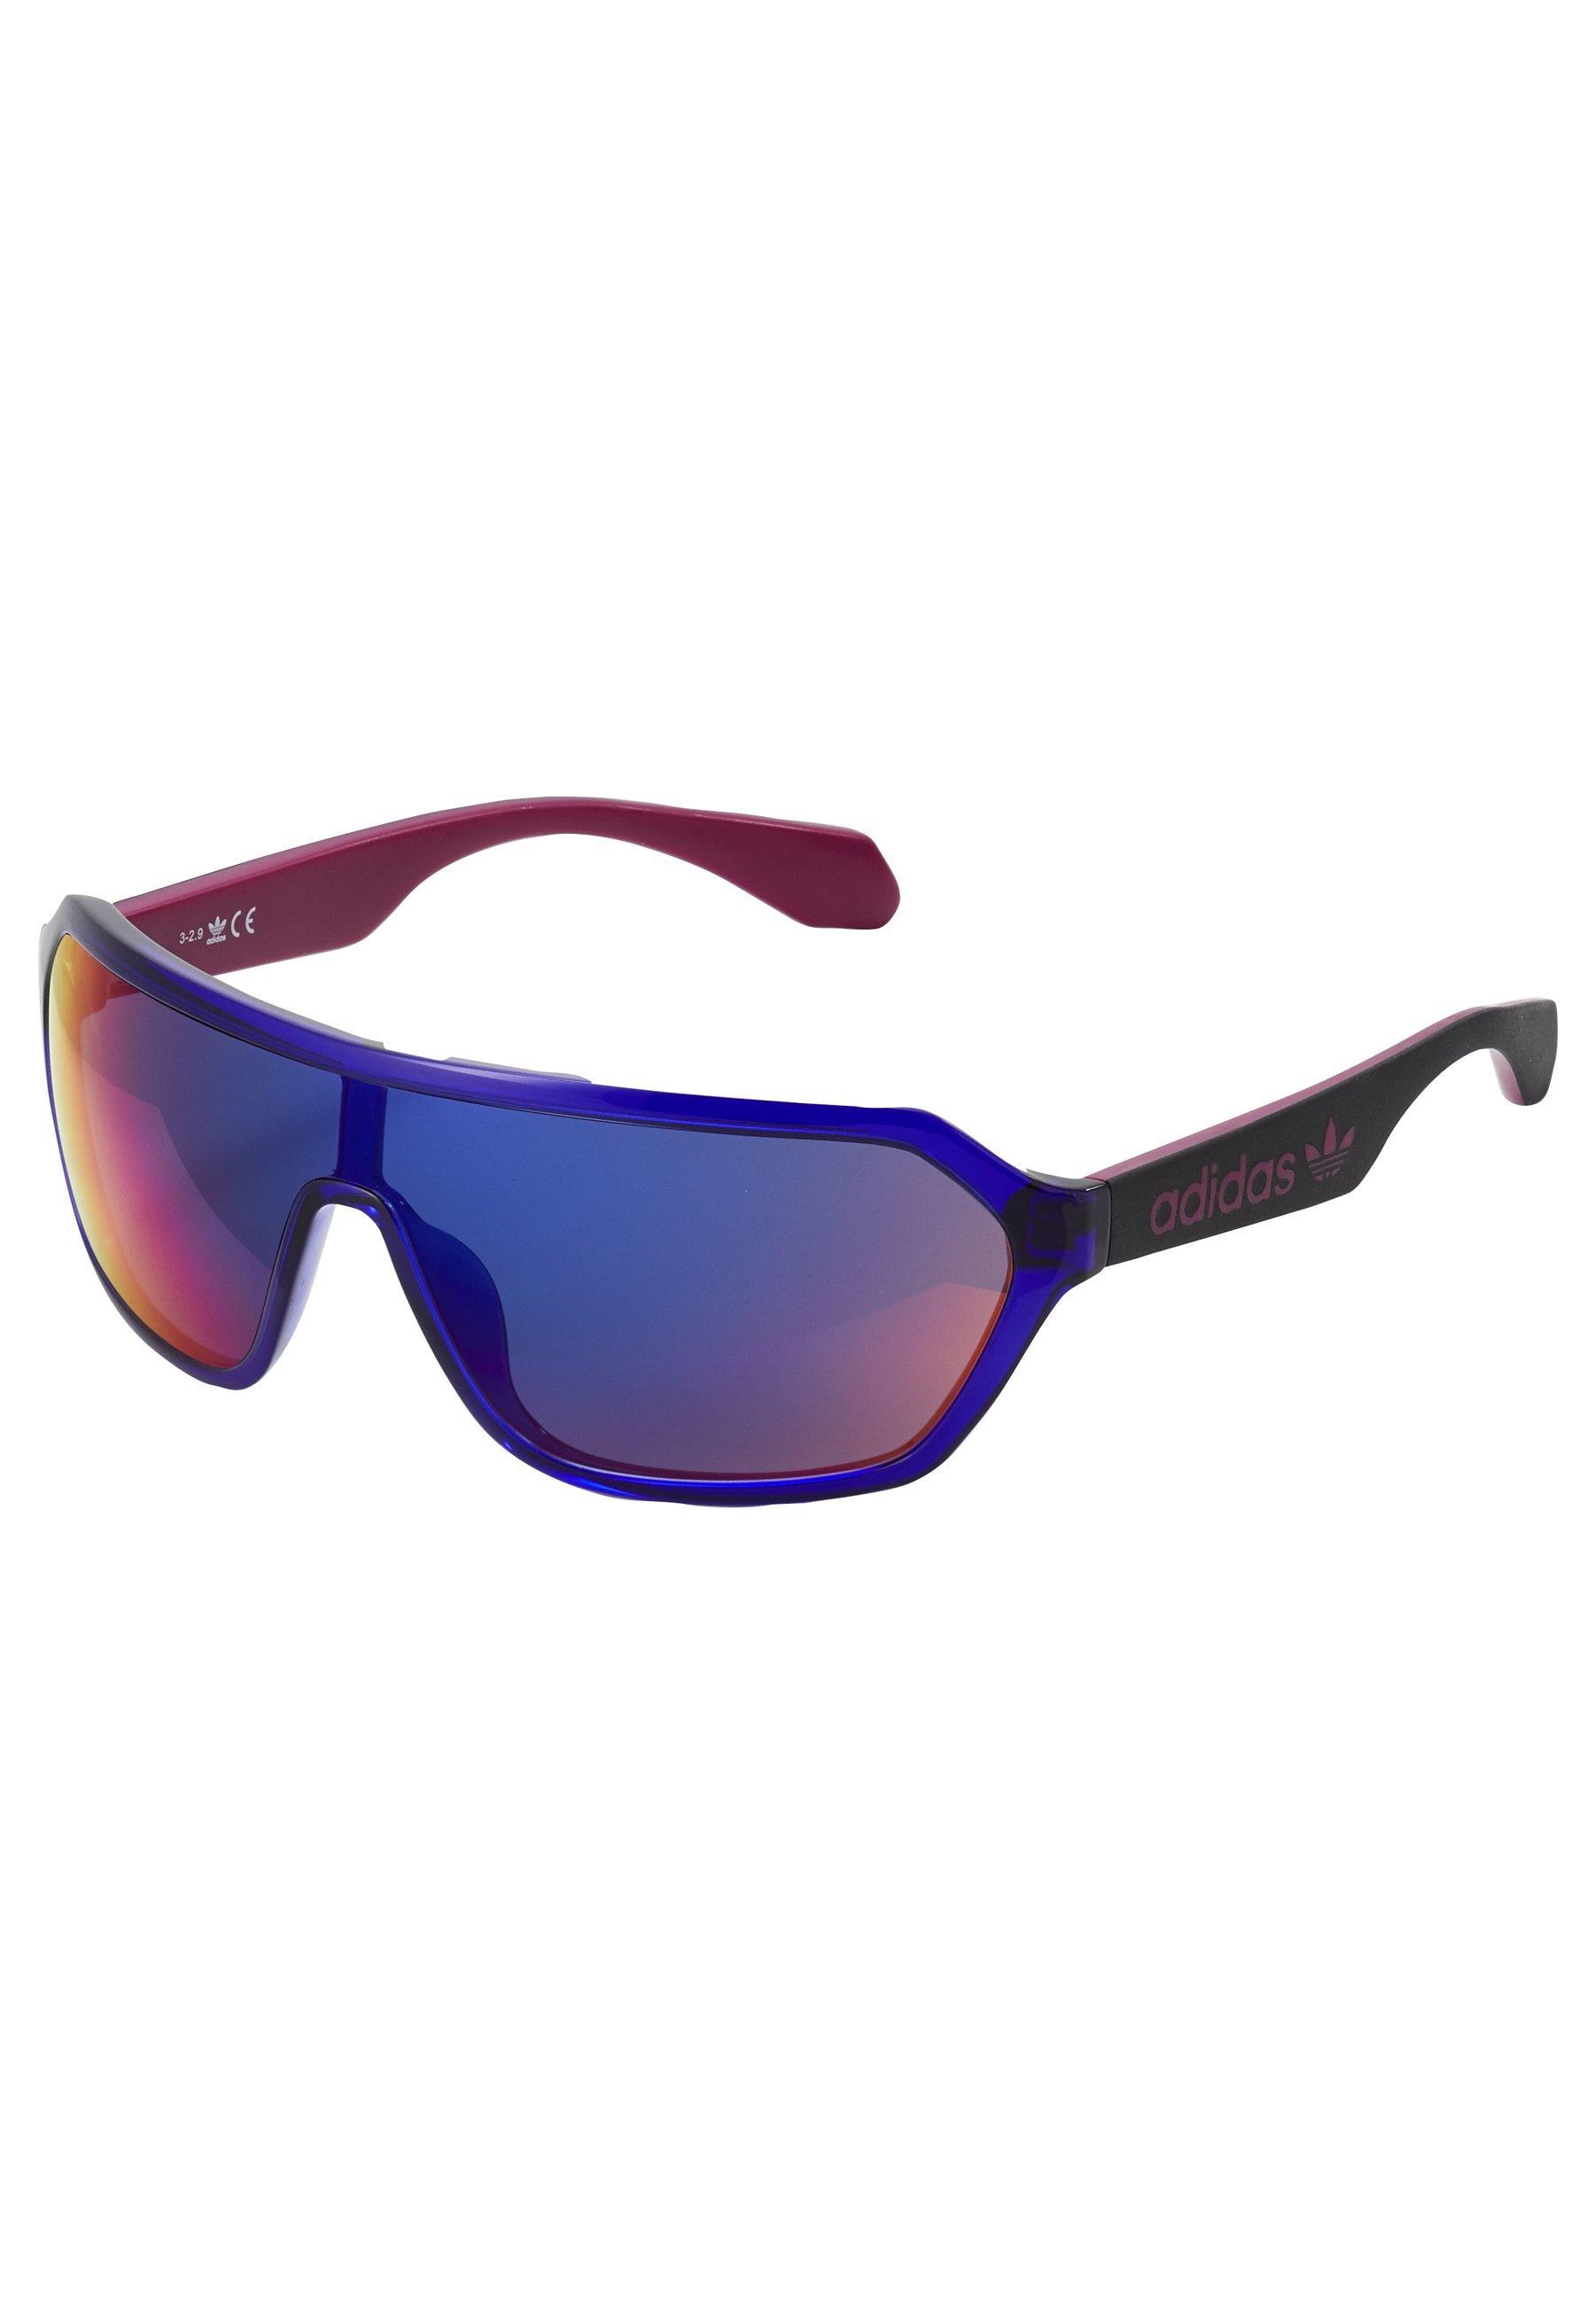 adidas Originals Lunettes de soleil - shiny violet/bordeaux